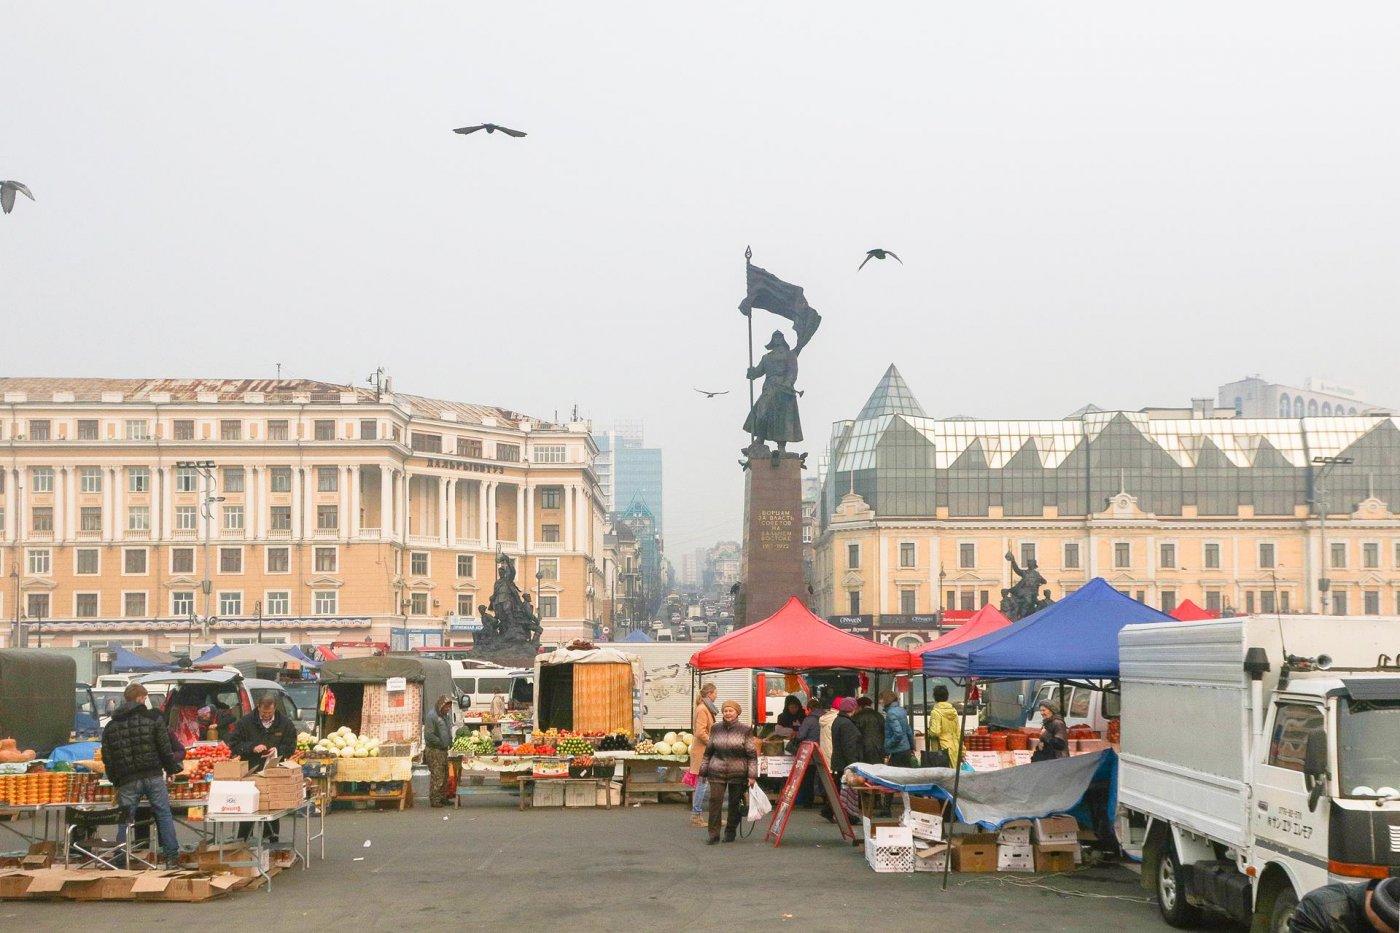 Фото 9576 (Copy).jpg. Россия, Приморский край, город Владивосток, Светланская улица, 29